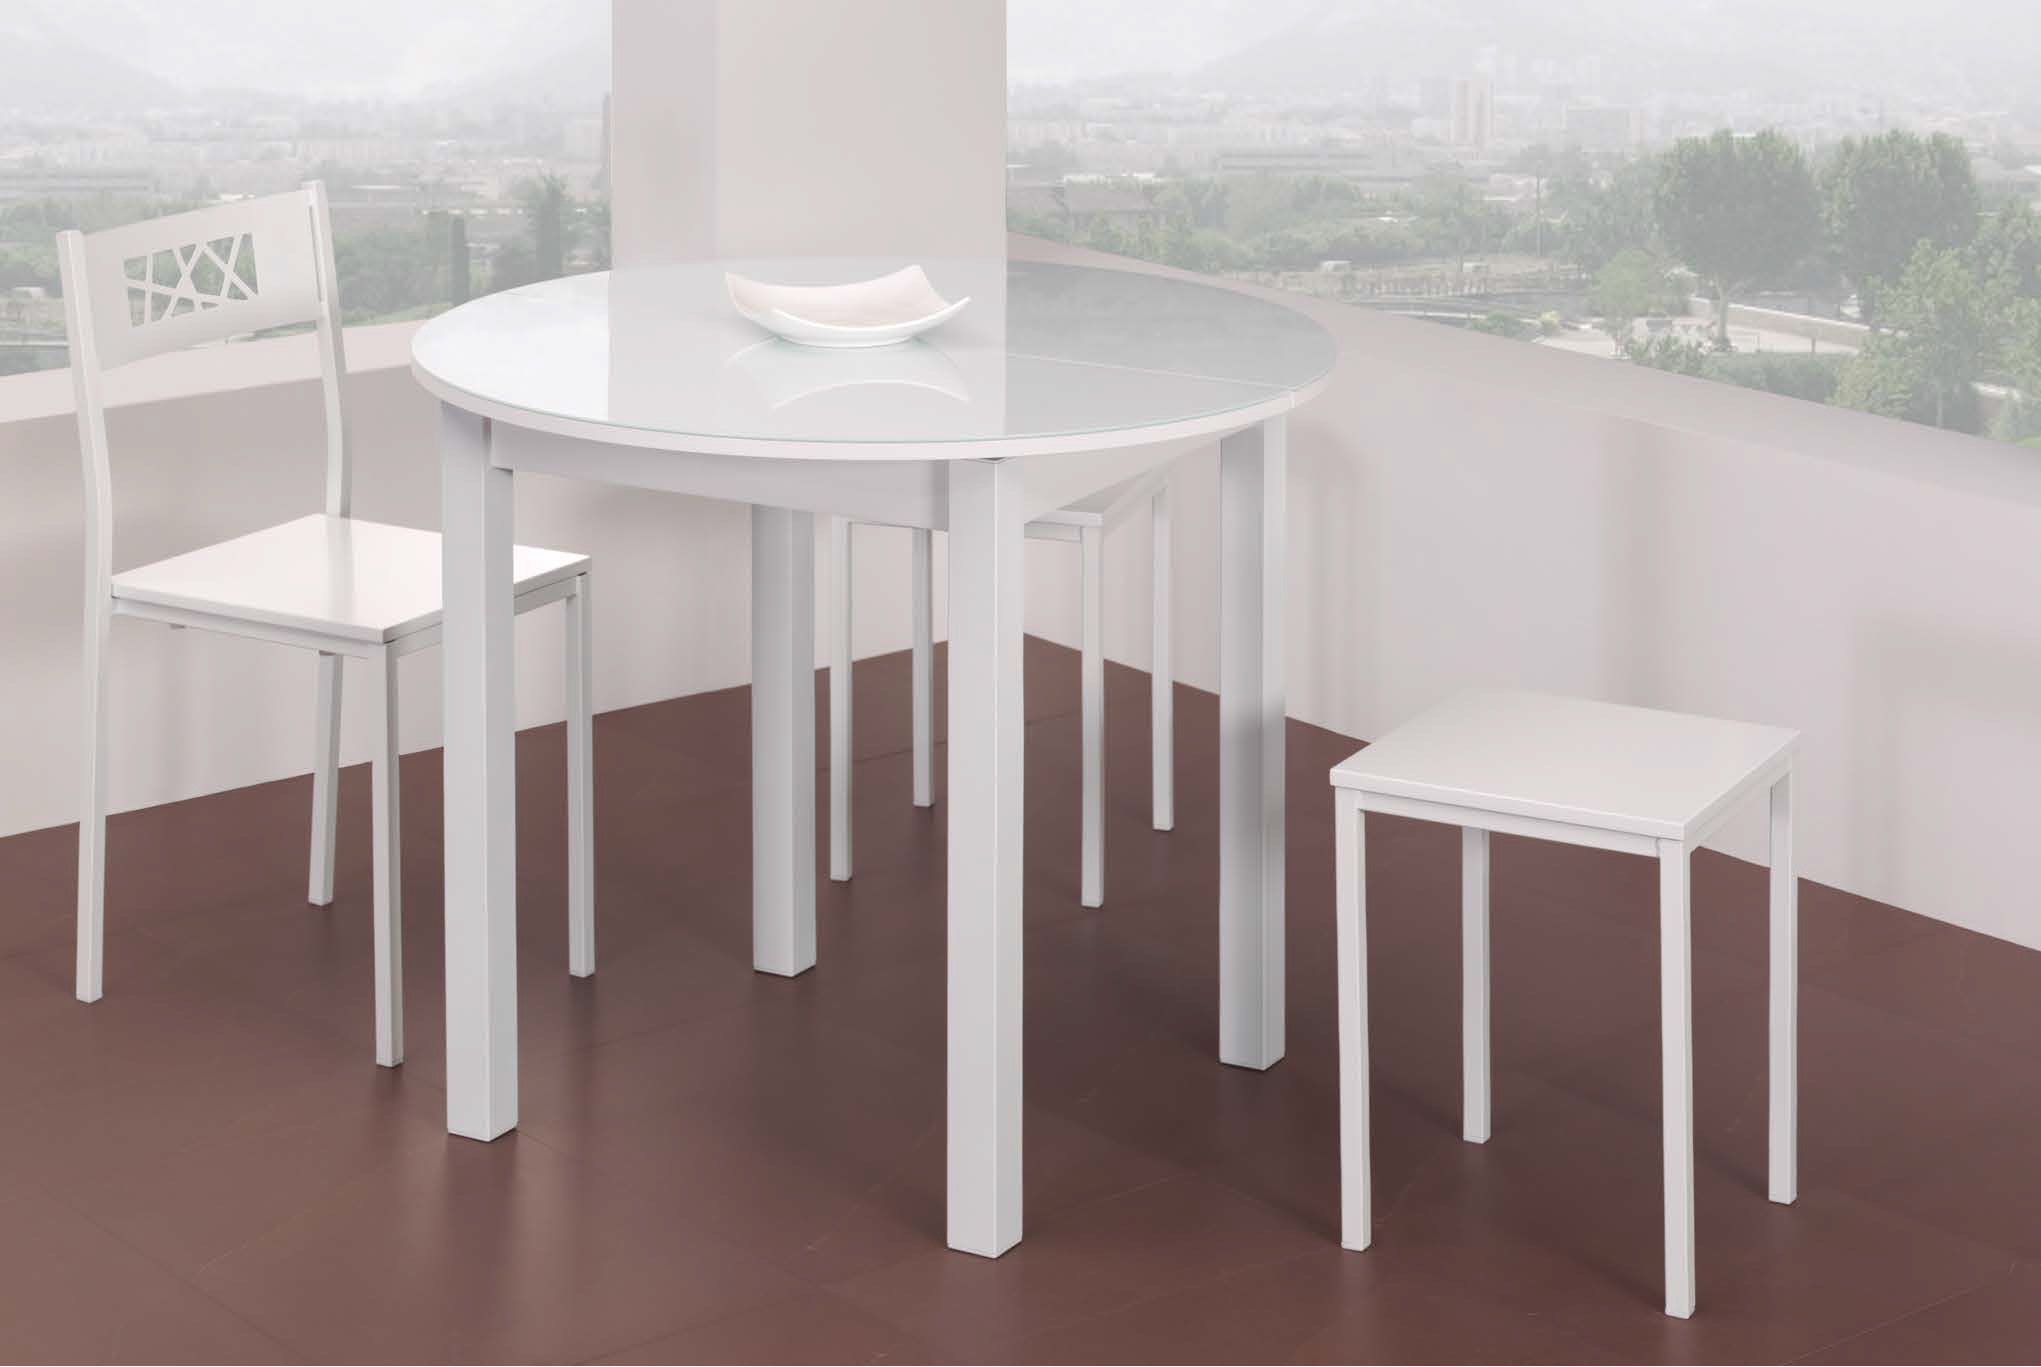 mesas-y-sillas-de-cocina-Insuperable-muebles-paco-caballero-209-5c9526623e0e7